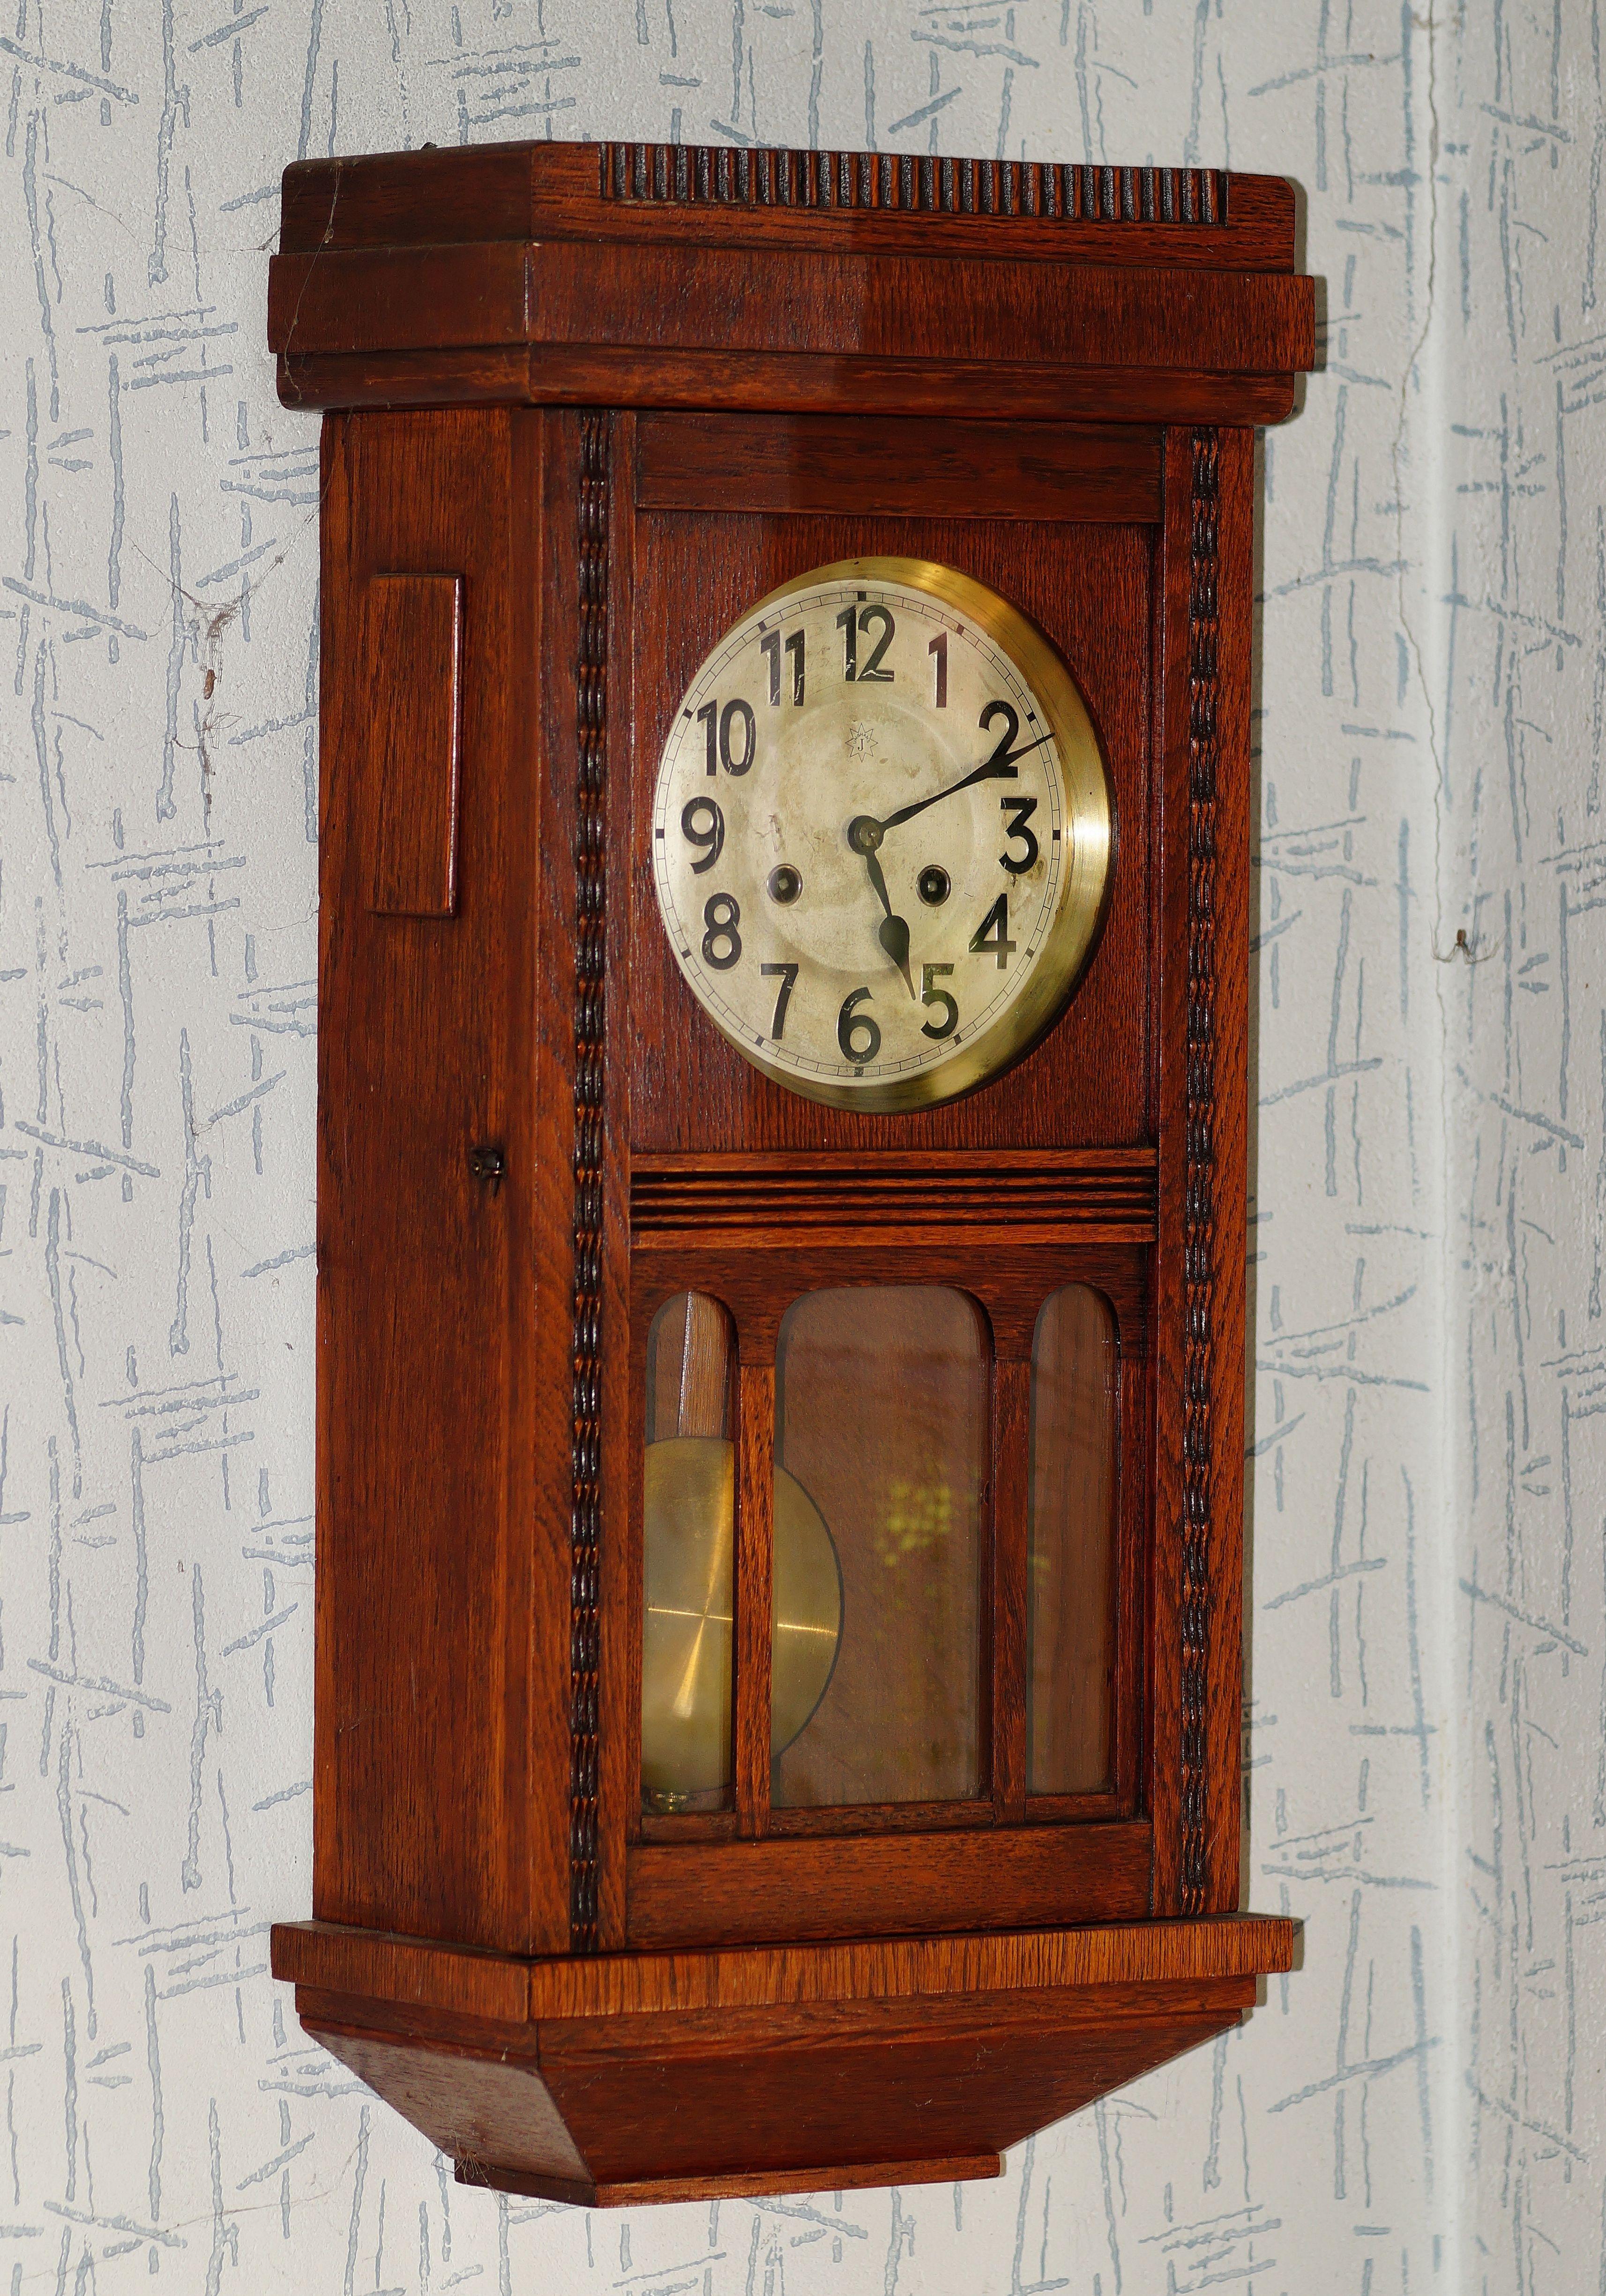 Simple bois antique luhorloge meubles dcor pendule horloge murale horloge nostalgique de valeur for Grande pendule en bois